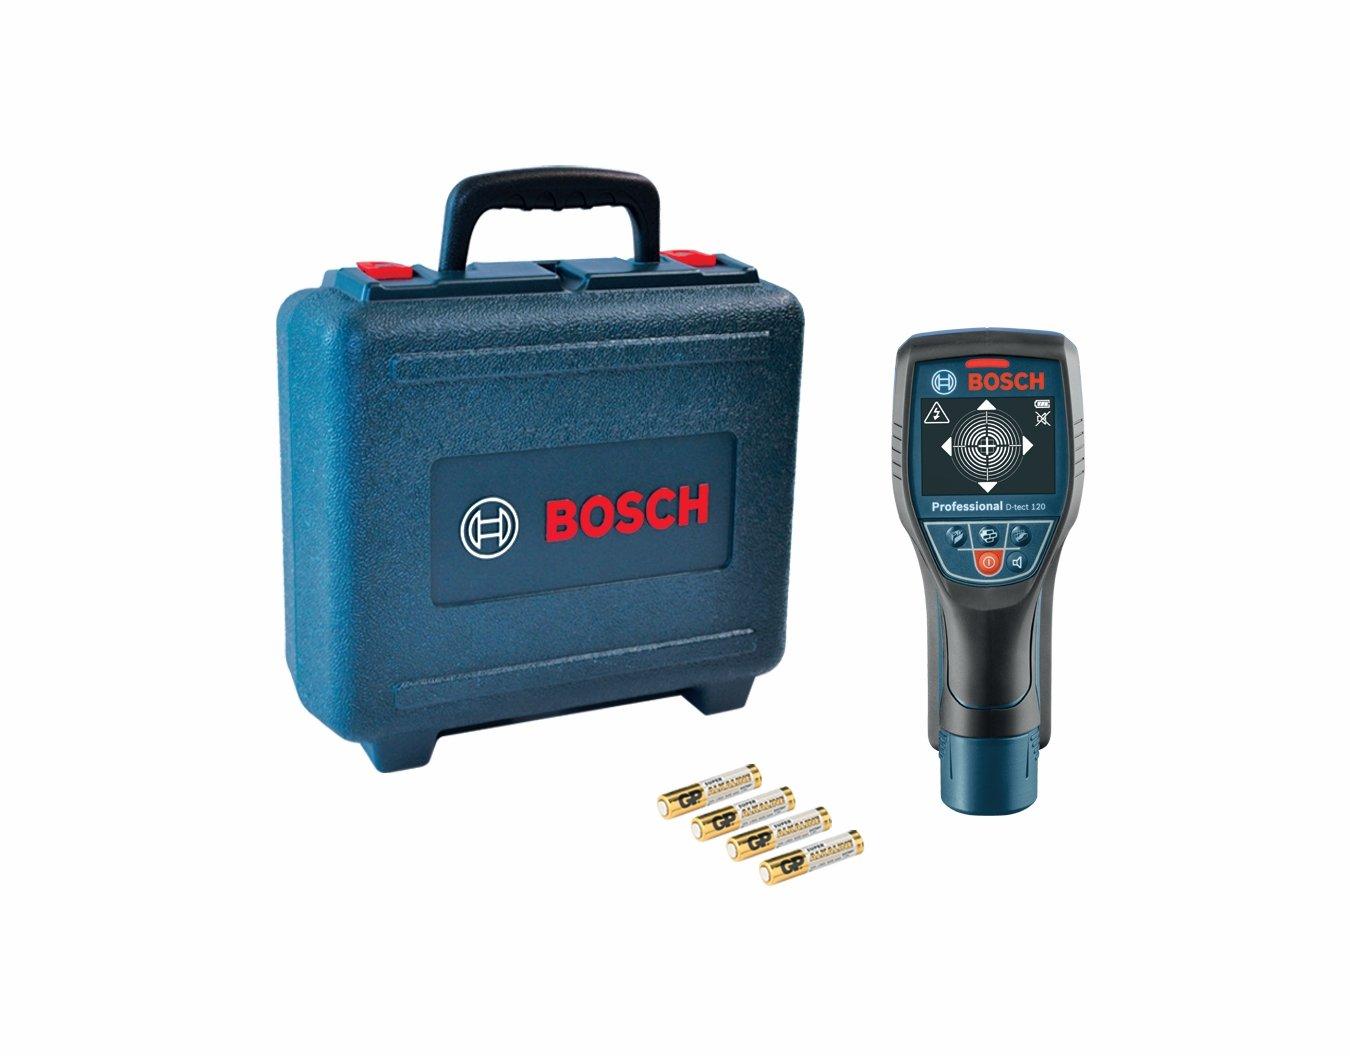 Bosch D-tect 120 pared y suelo Detección escáner: Amazon.es: Bricolaje y herramientas